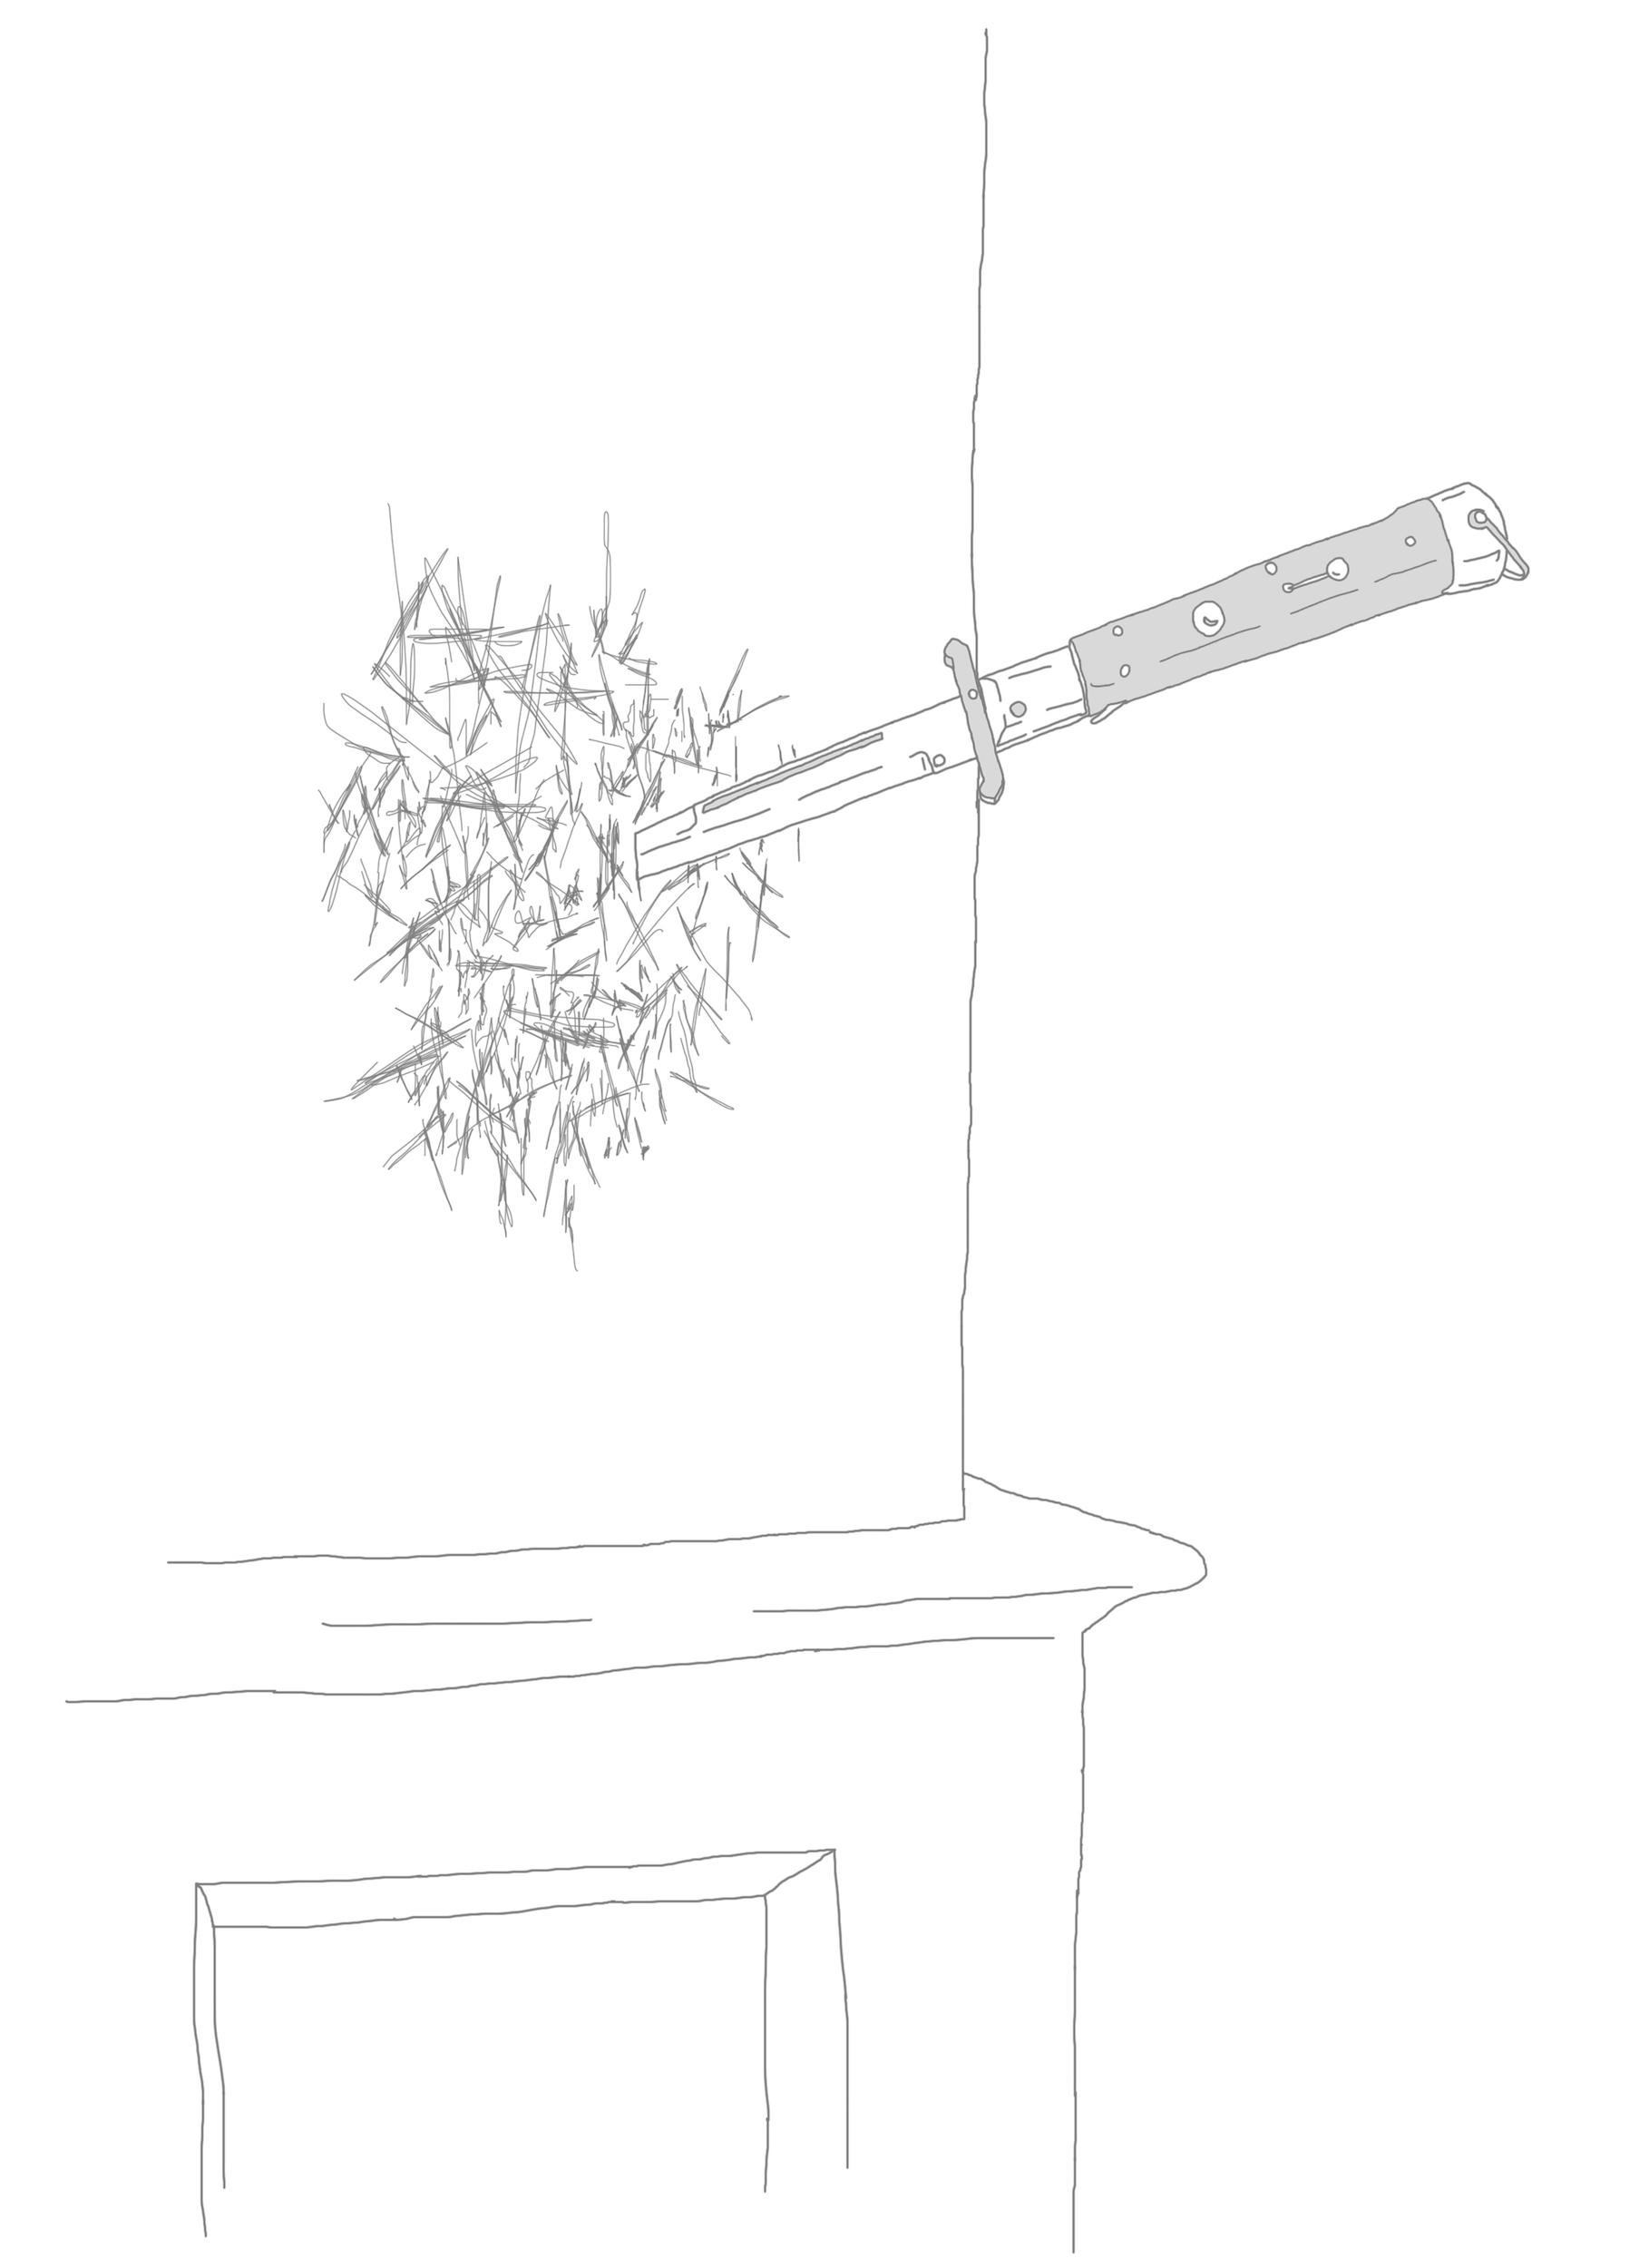 AFIASCO_KNIFE.jpg